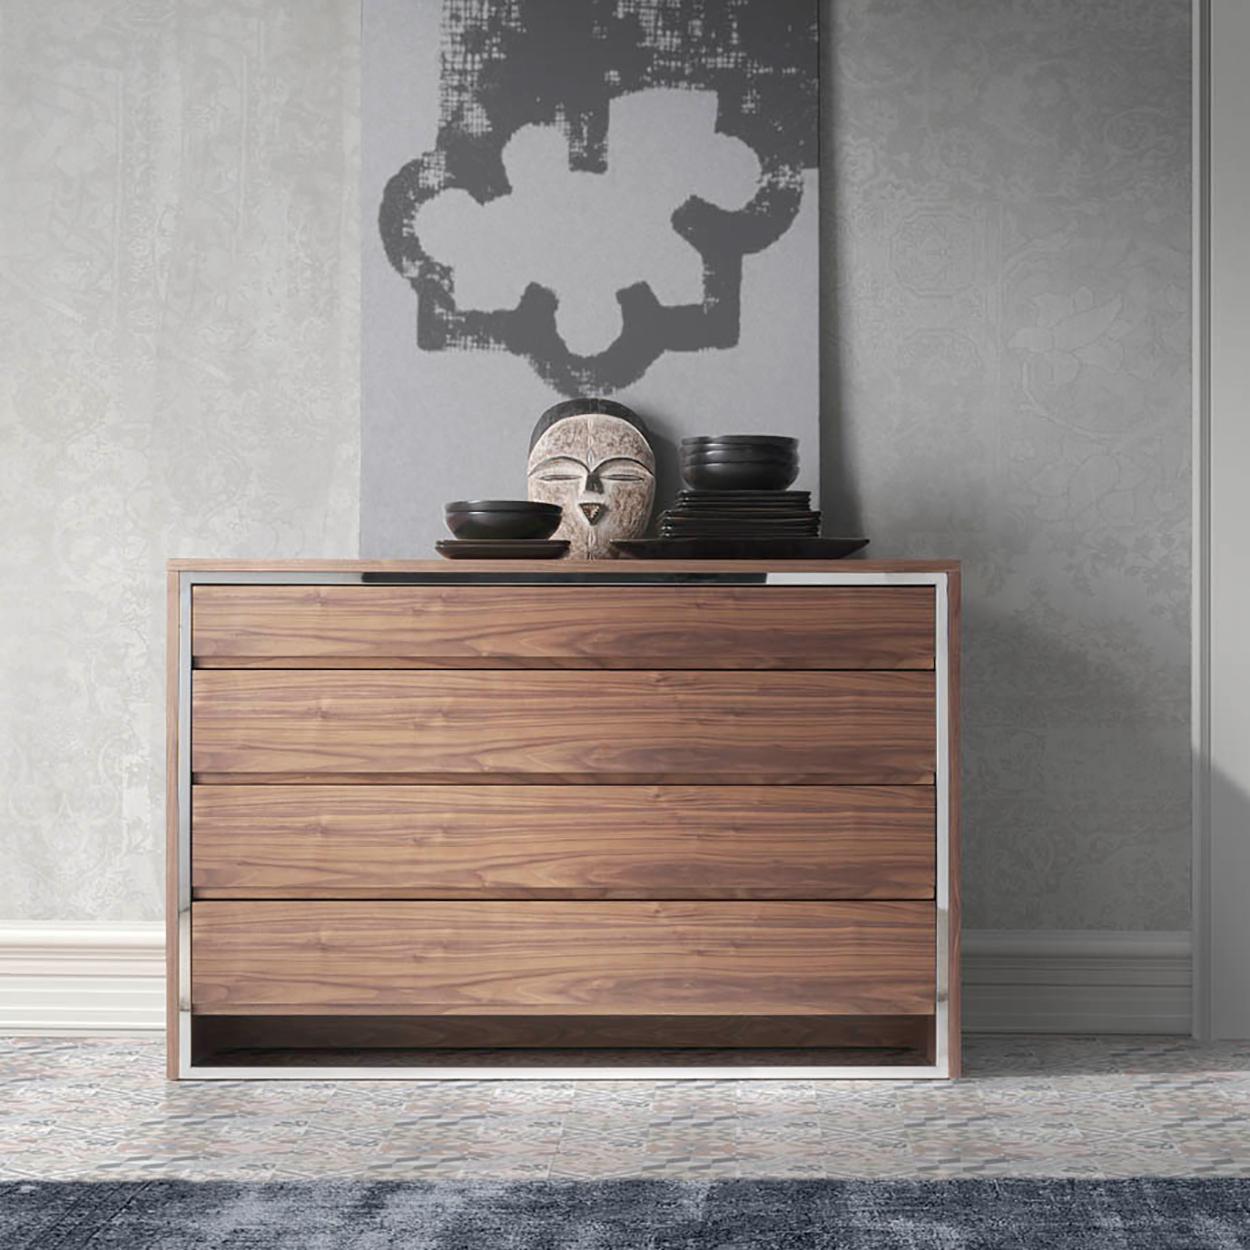 Muebles de dormitorio comodas orden y estilo para tu - Comodas modernas para dormitorio ...